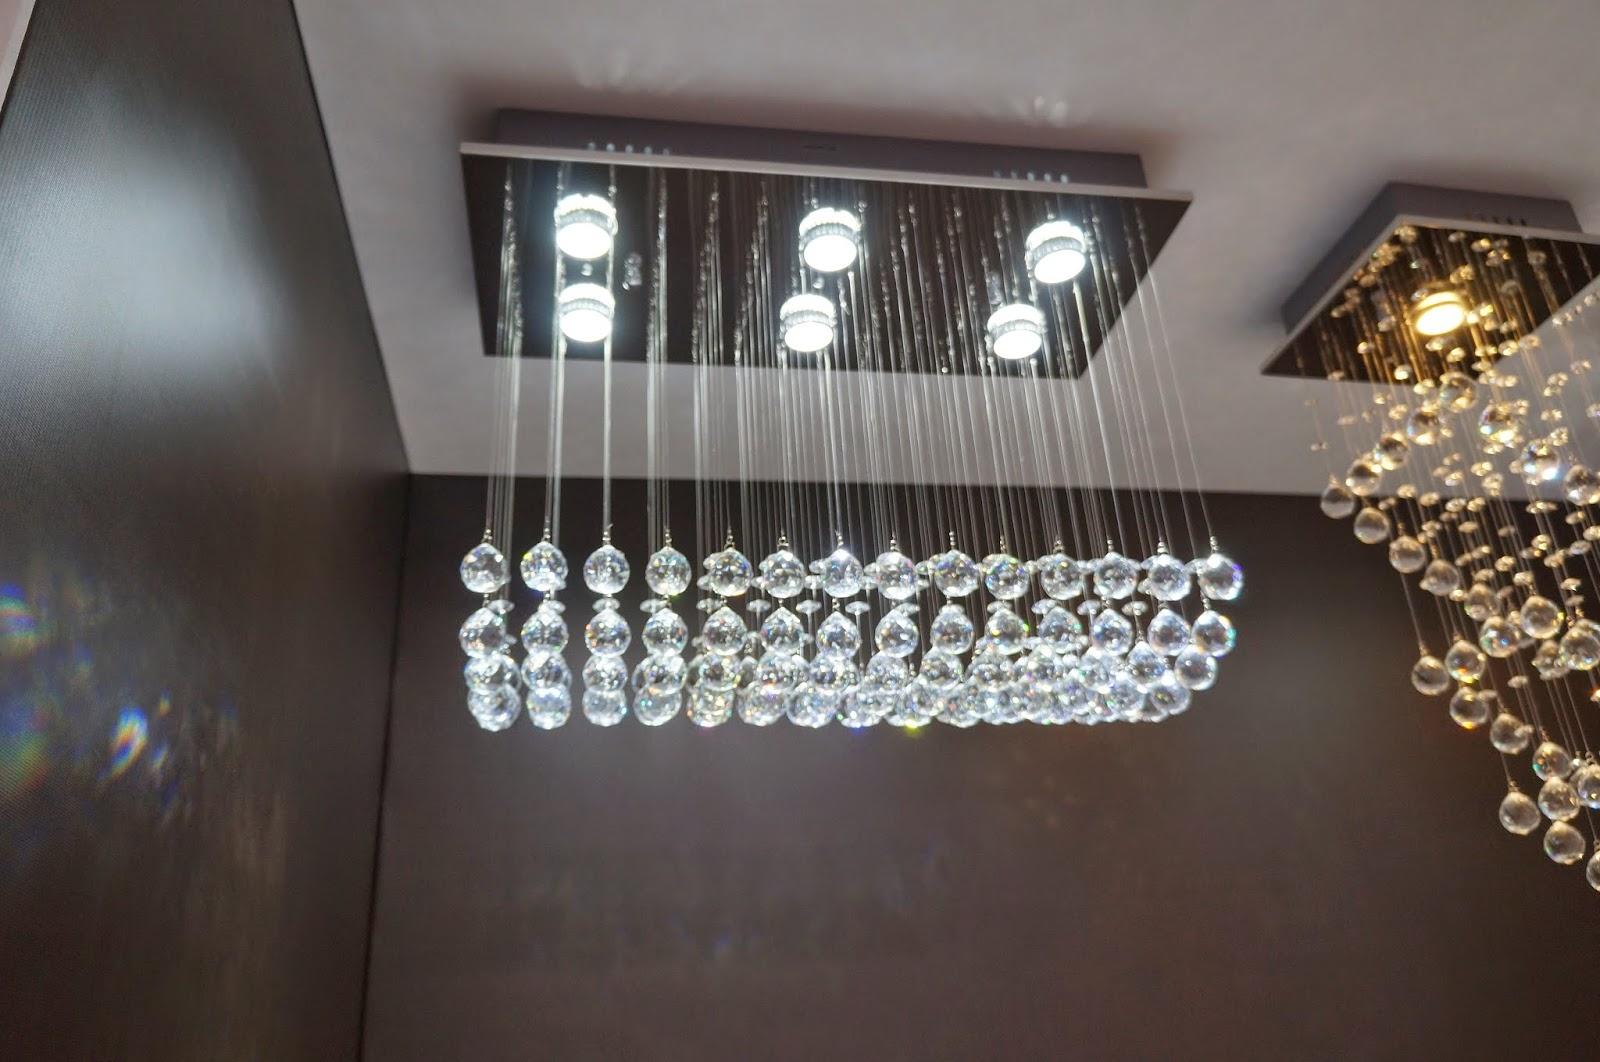 pendente de cristal -  Kin Company - Expolux 2014